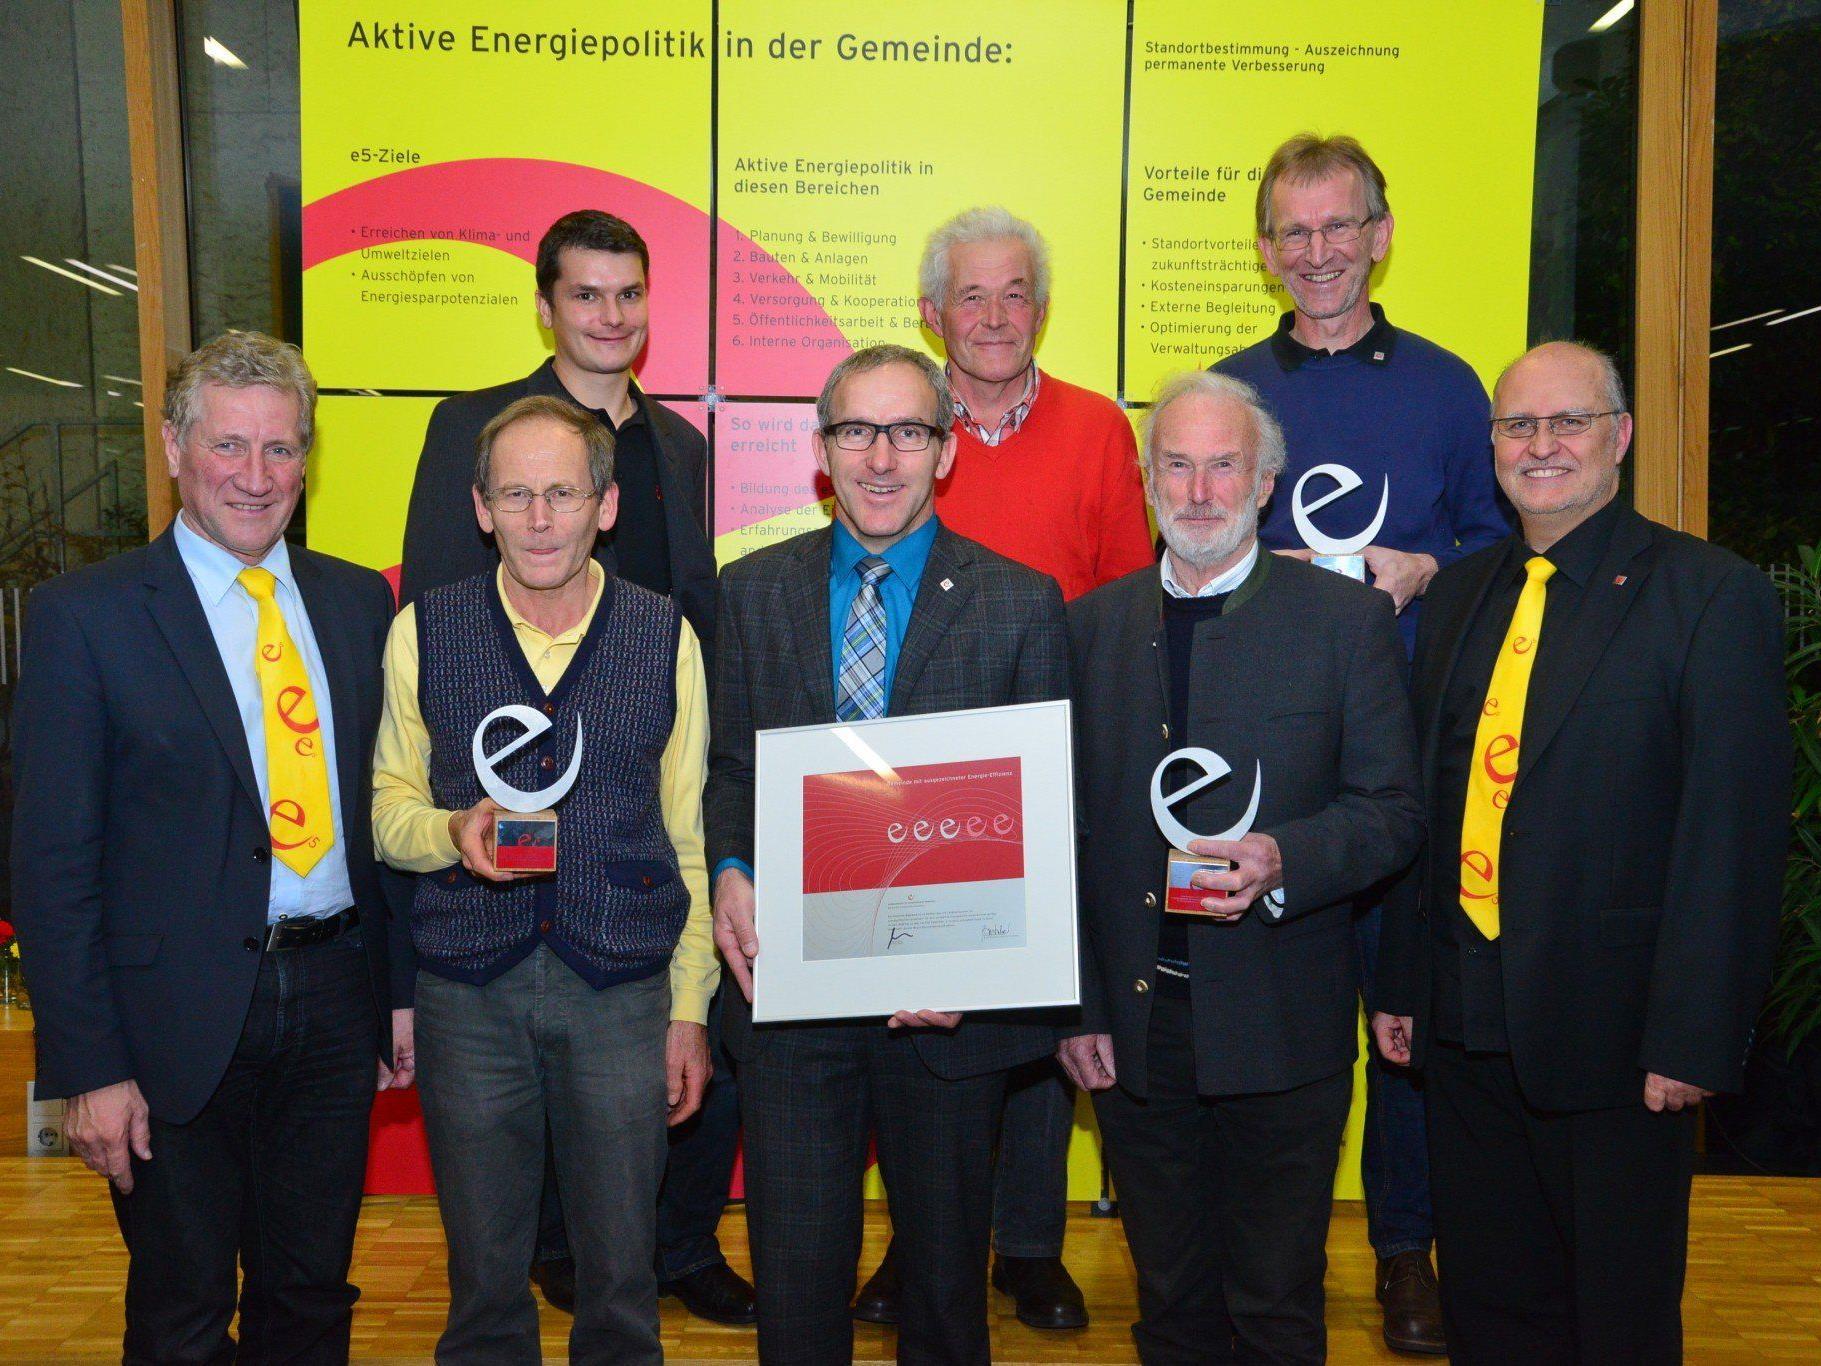 Landesrat Erich Schwärzler (li.) und e5-Programmleiter Karl-Heinz Kaspar (re.) überreichten das Zertifikat dem e5-Team mit Bürgermeister Martin Netzer (Mitte).